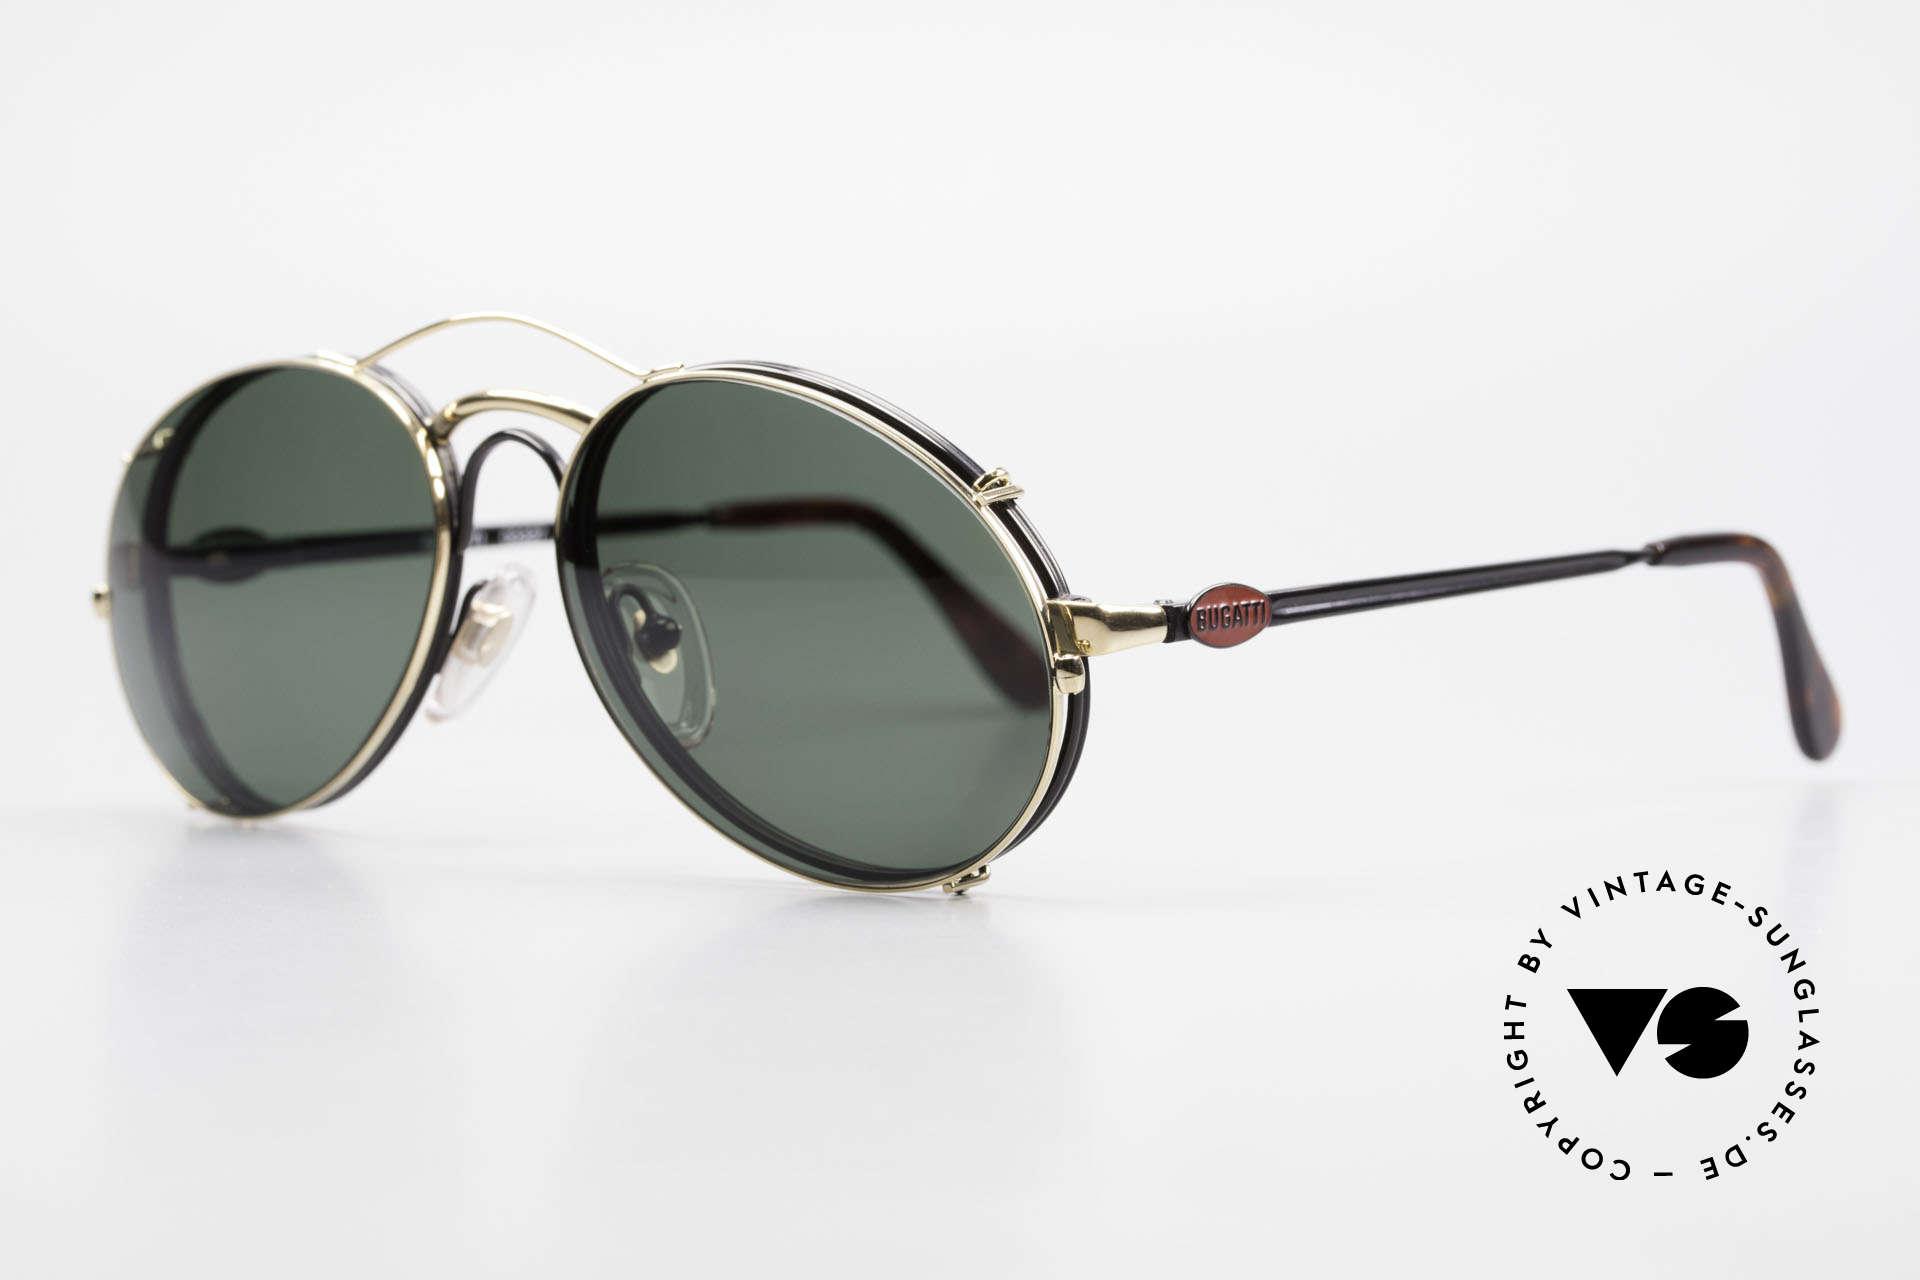 Bugatti 03327 80er Sonnenbrille Mit Clip On, Rahmen mit Federscharnieren für optimalen Komfort, Passend für Herren